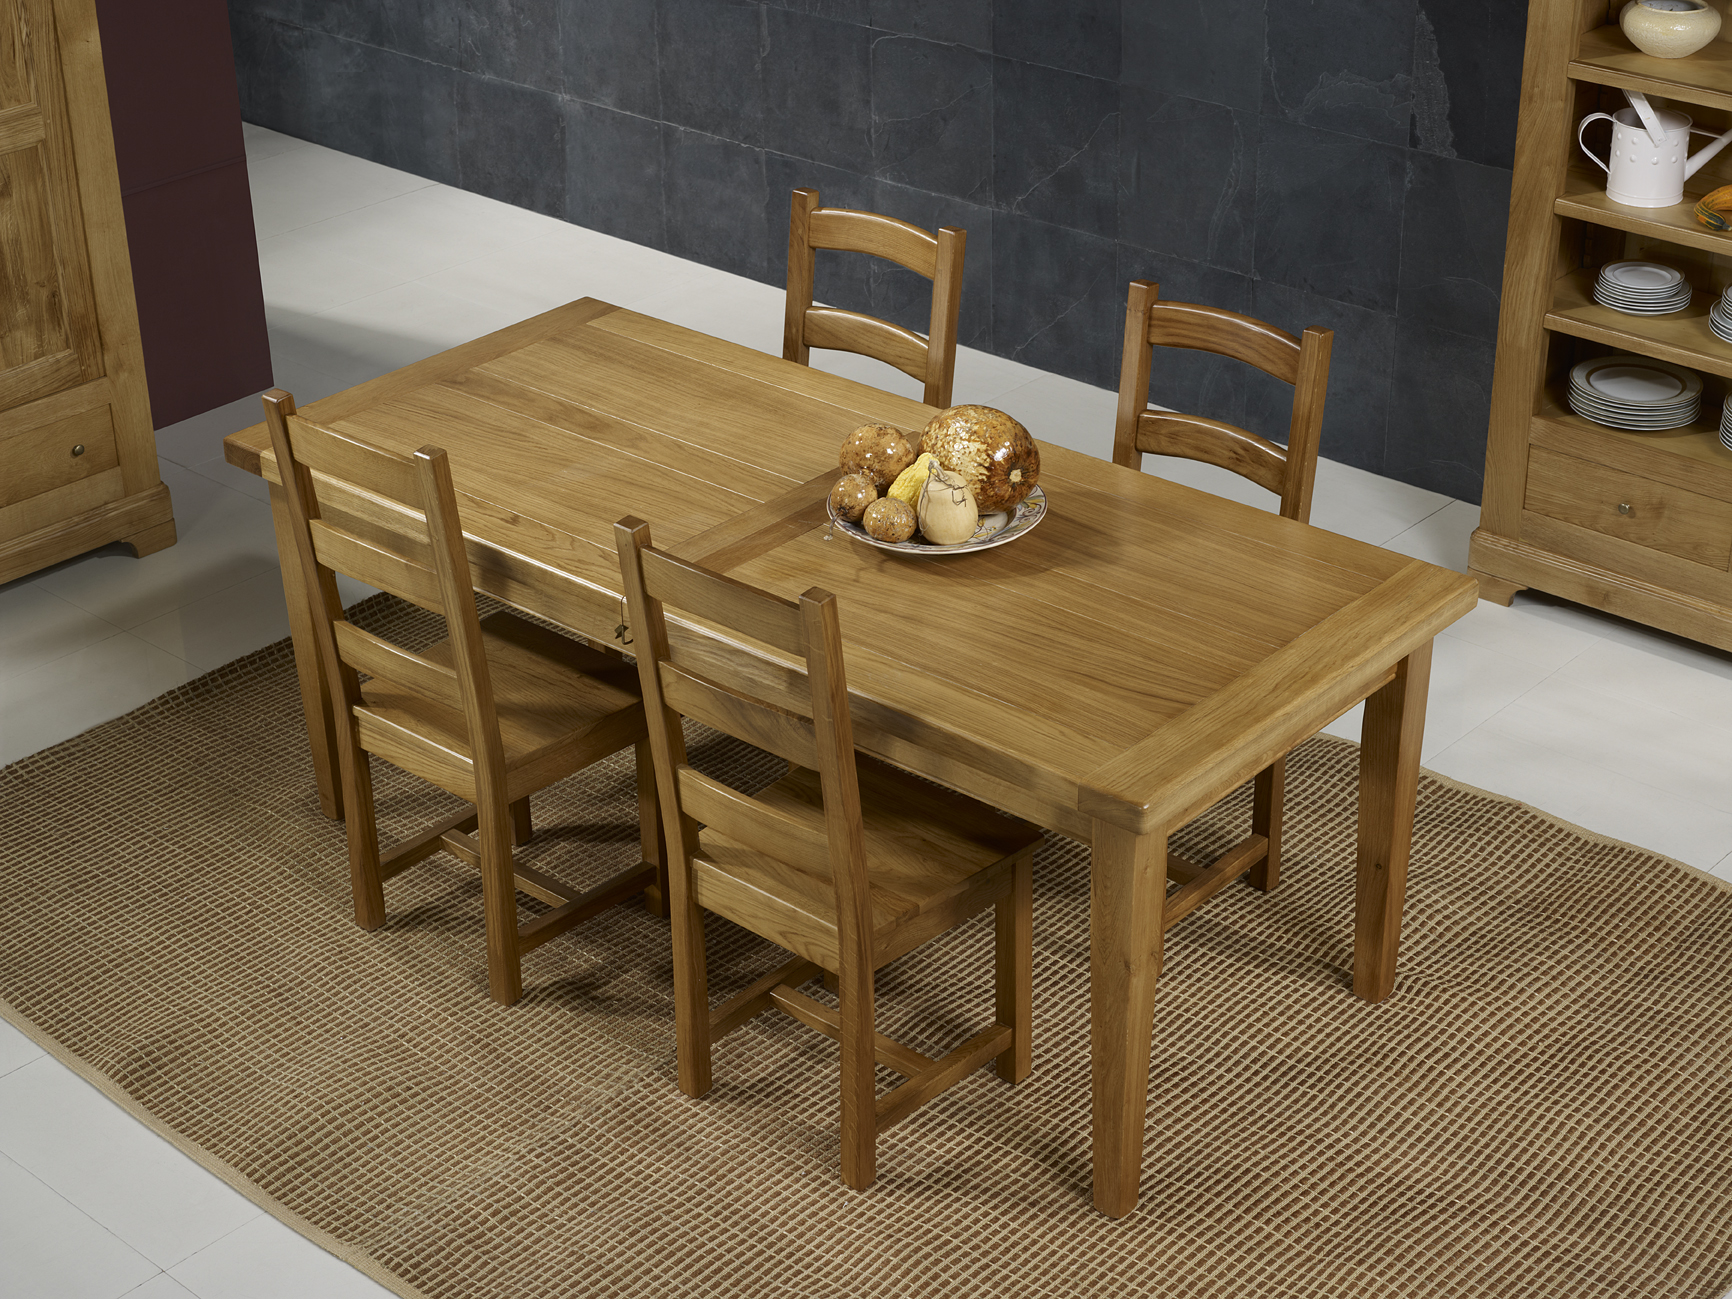 Table de ferme rectangulaire francois en ch ne massif 220 for Table en chene rectangulaire